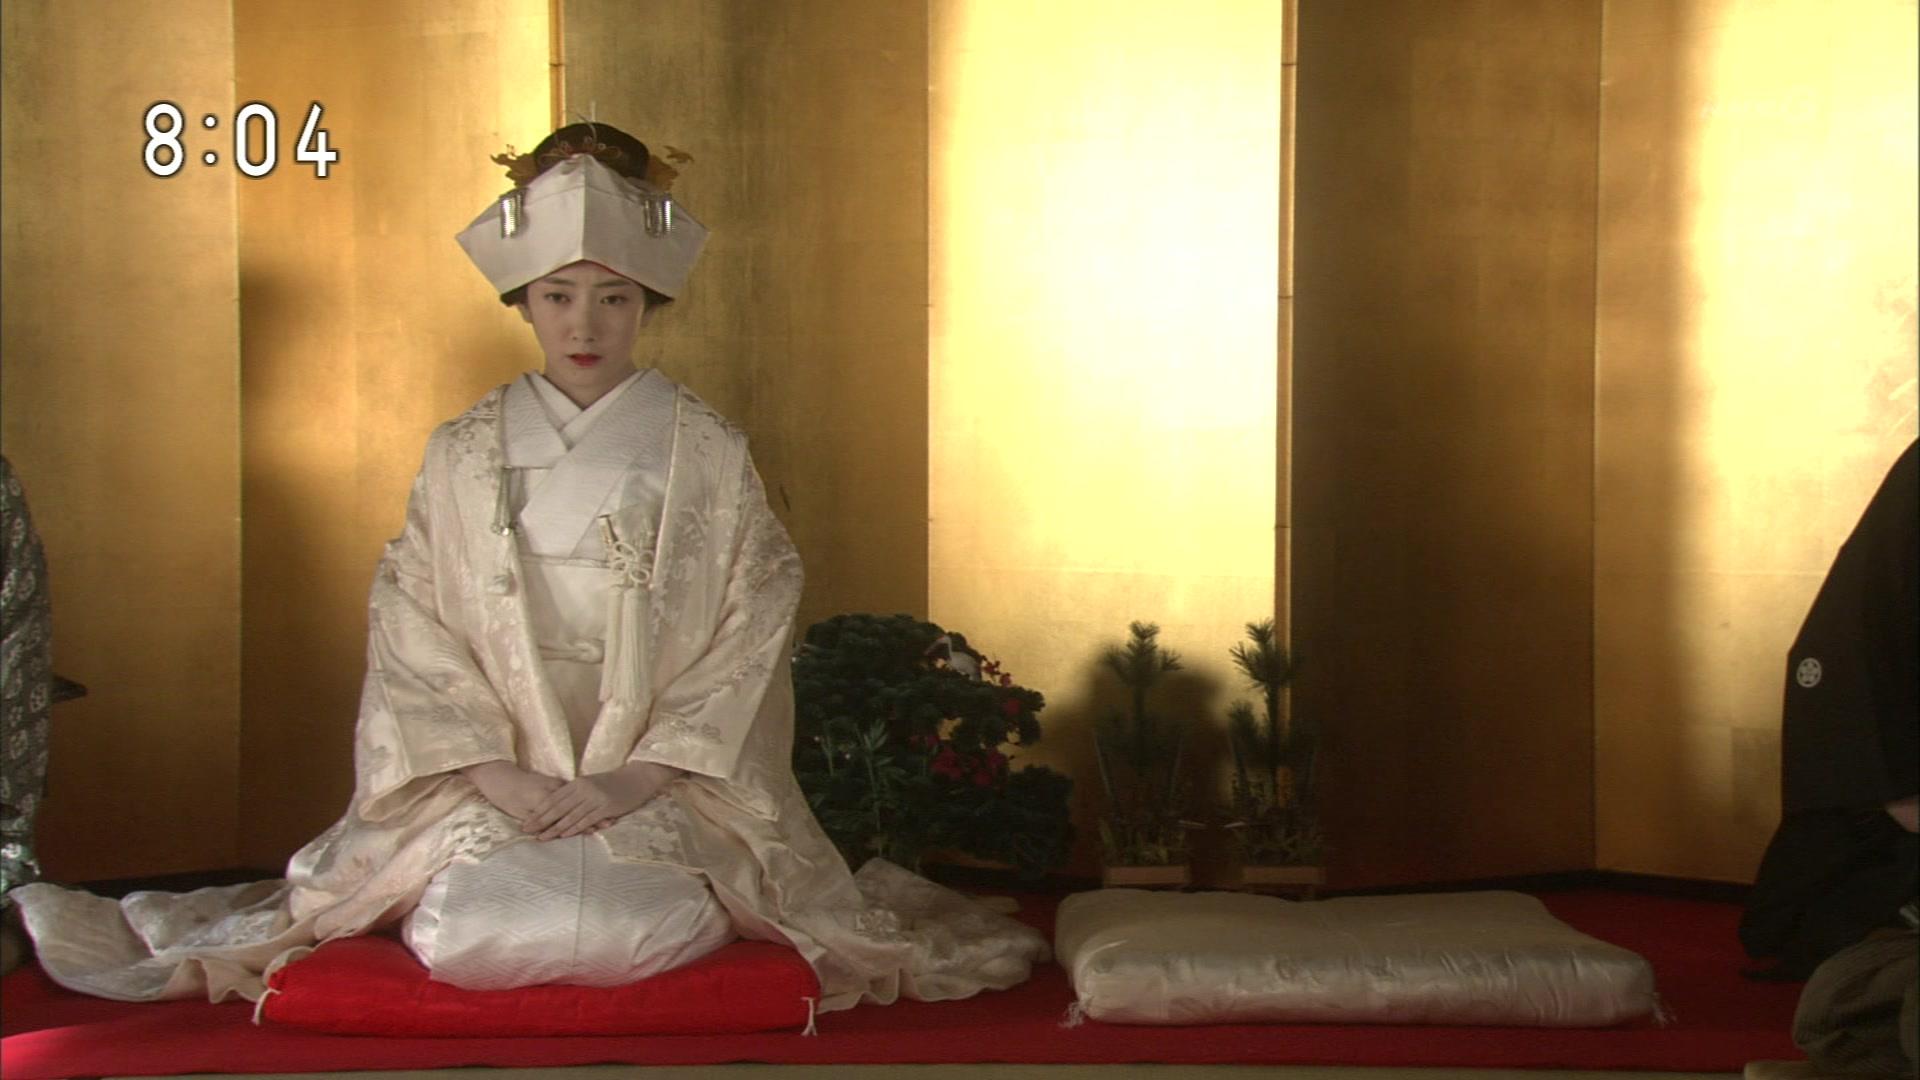 2015-10-12 08:00 連続テレビ小説 あさが来た(13)「新選組参上!」 0808